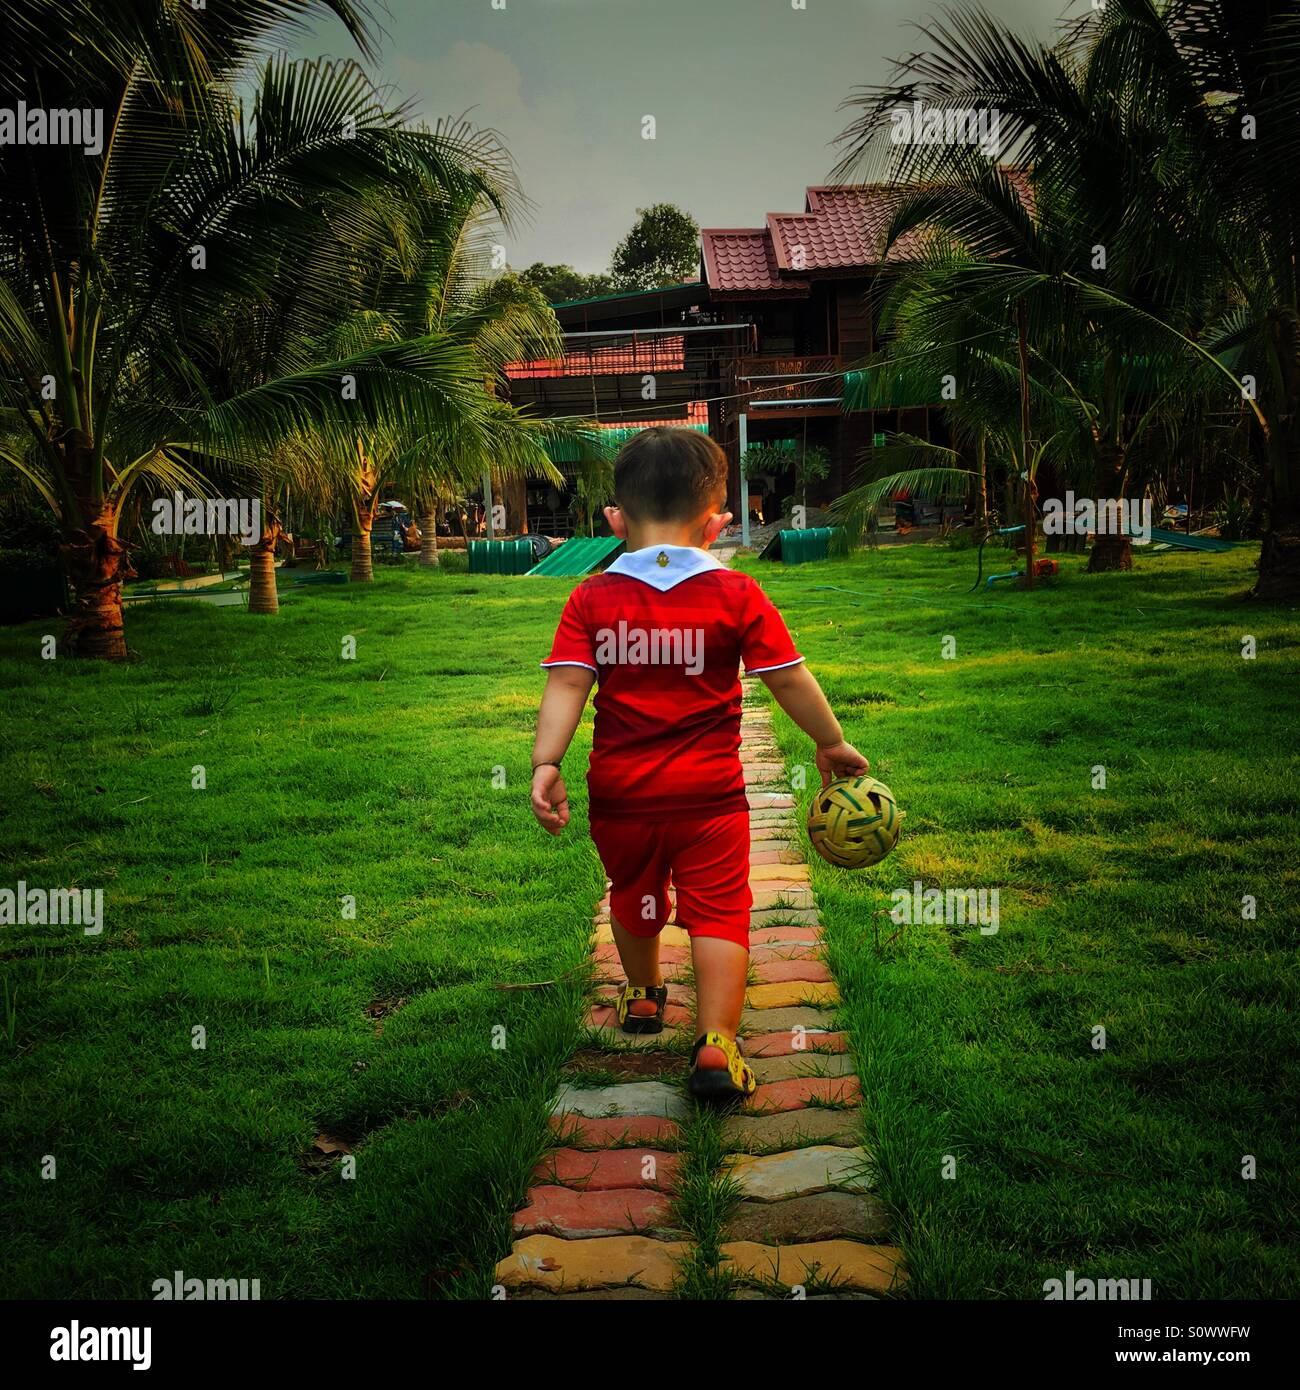 Der junge zu Fuß mit einem Ball in der hand Stockbild